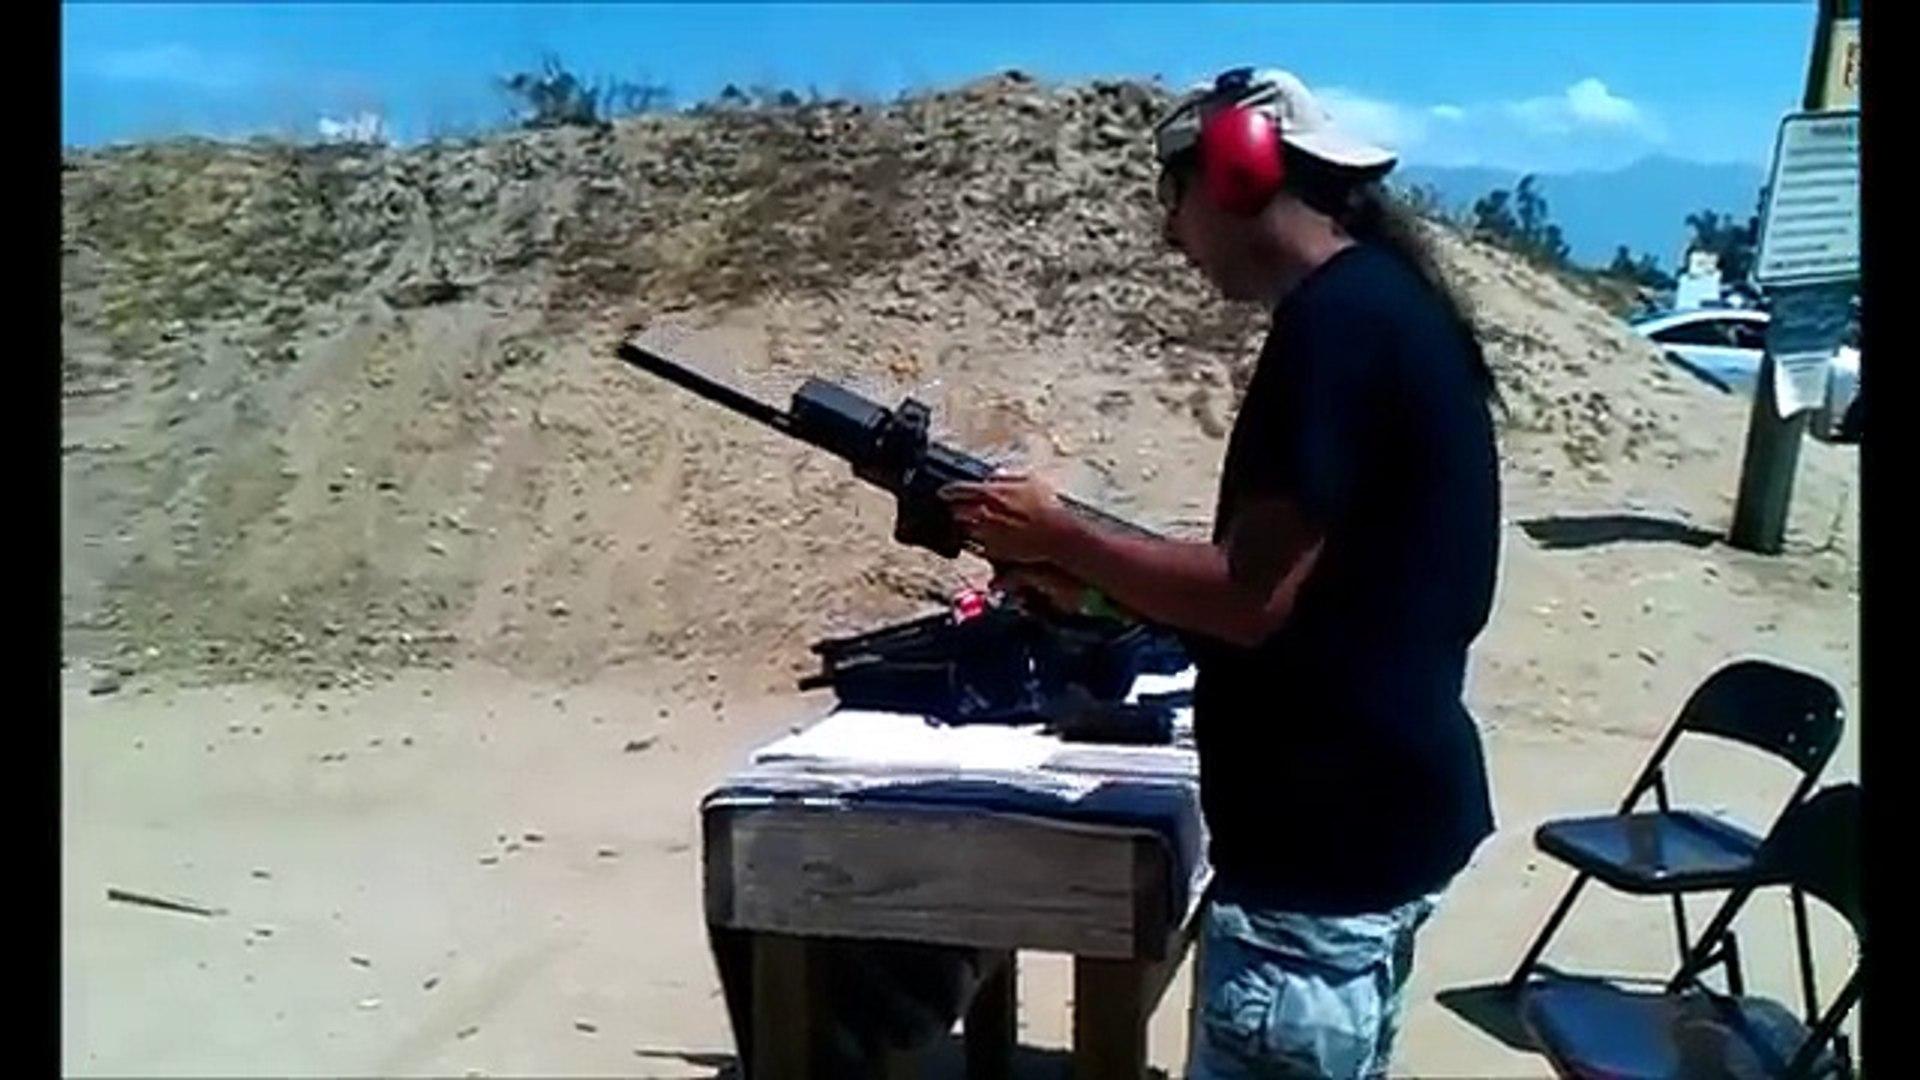 AR15 calico 9mm upper on ar15 conversion 100 round drum CARMAC AR-15